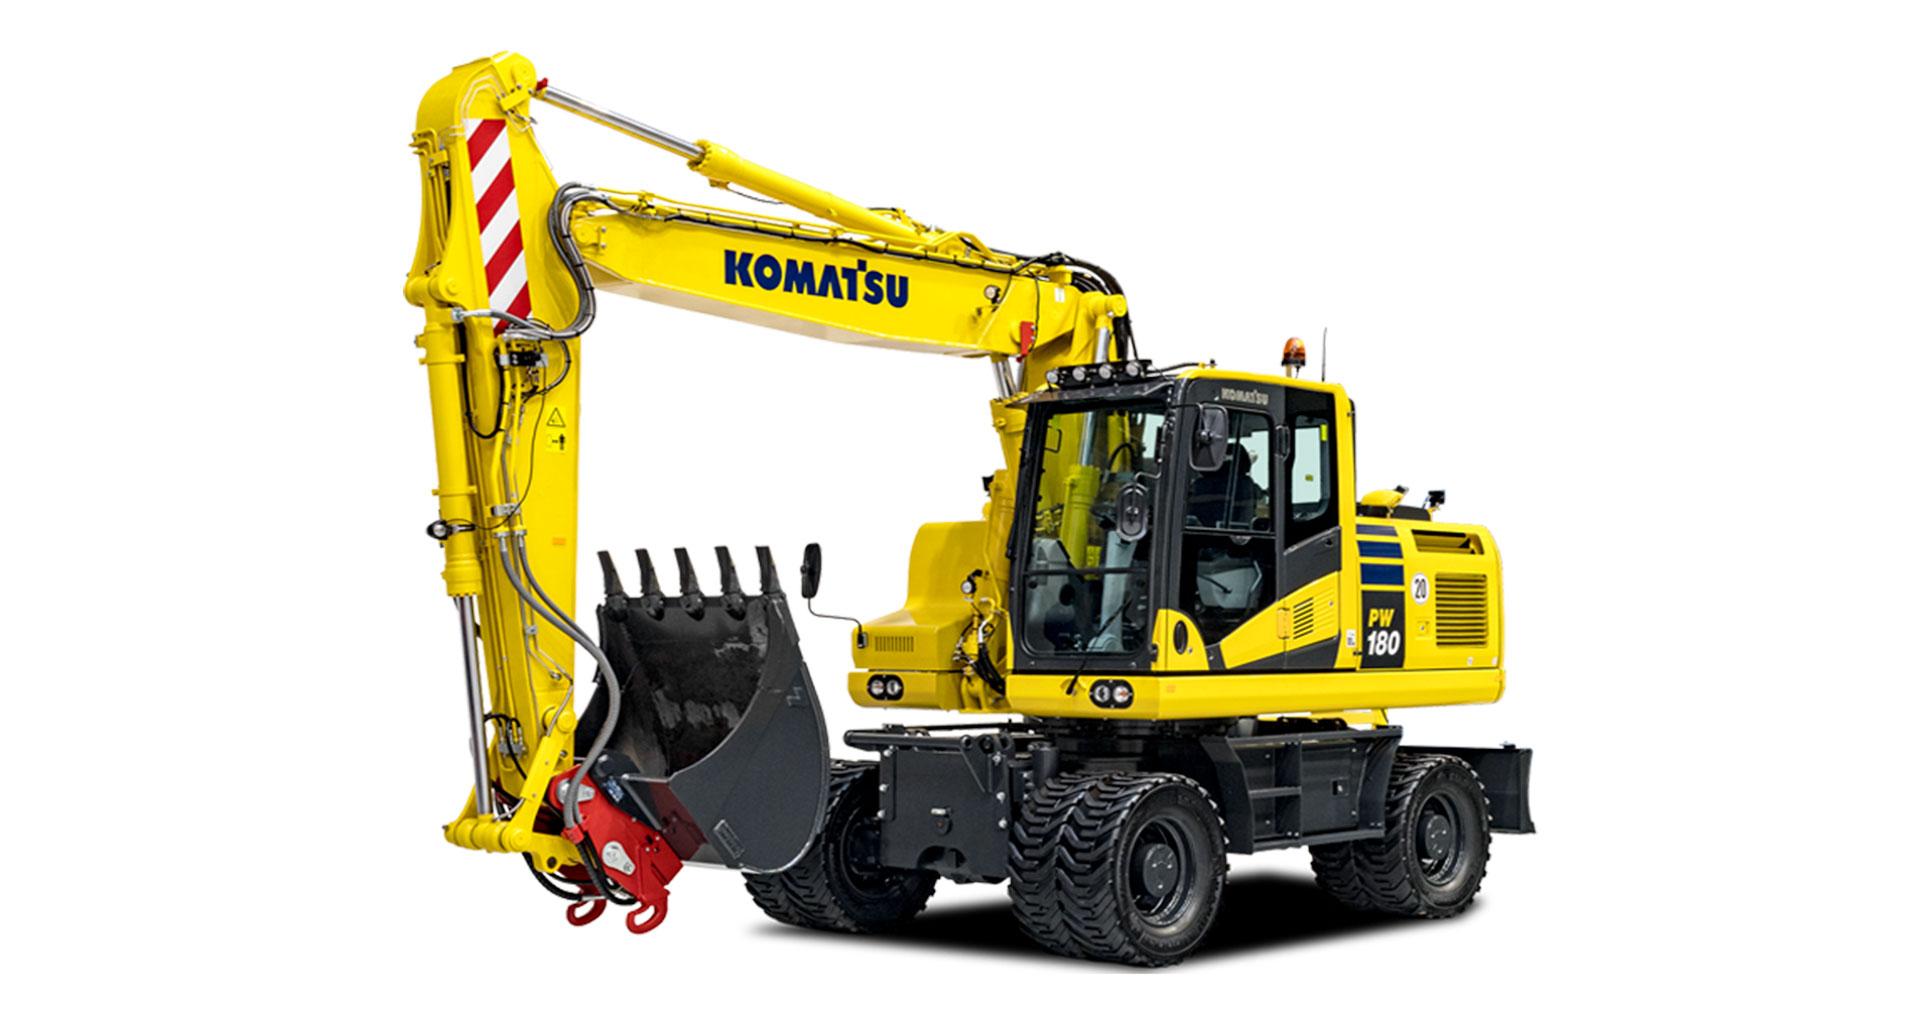 Escavatore gommato Komatsu PW180-11